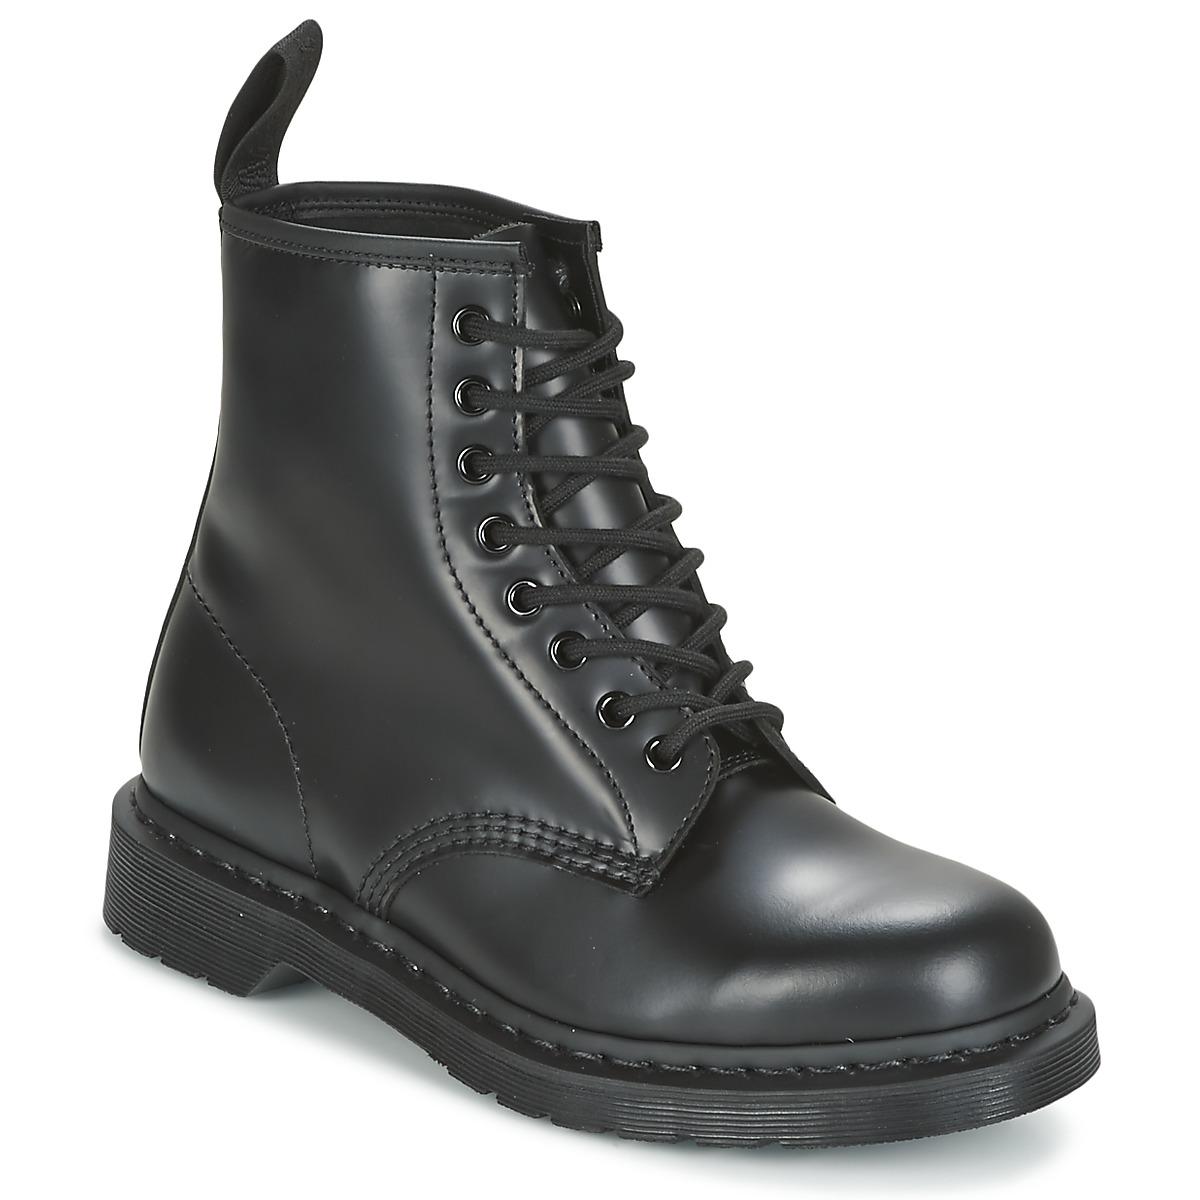 DR MARTENS - Chaussures, Accessoires, Beaute DR MARTENS - Livraison ... e02735b331b5